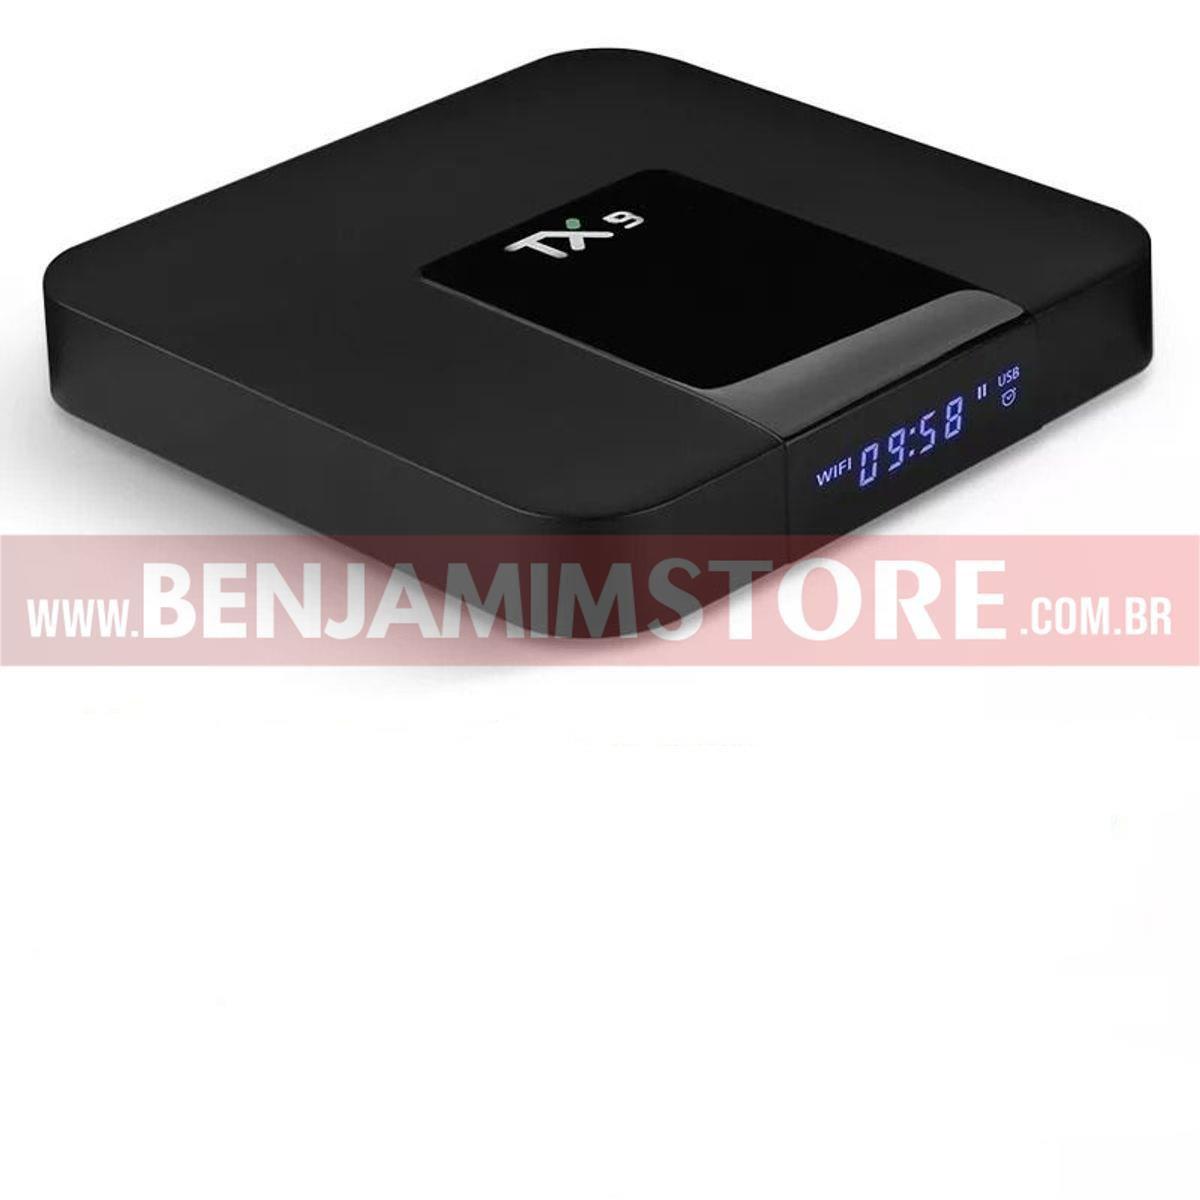 Aparelho que transforma tv em smart  TX9 4k 4gb de ram + 32 gigas de armazenamento + Teclado Led